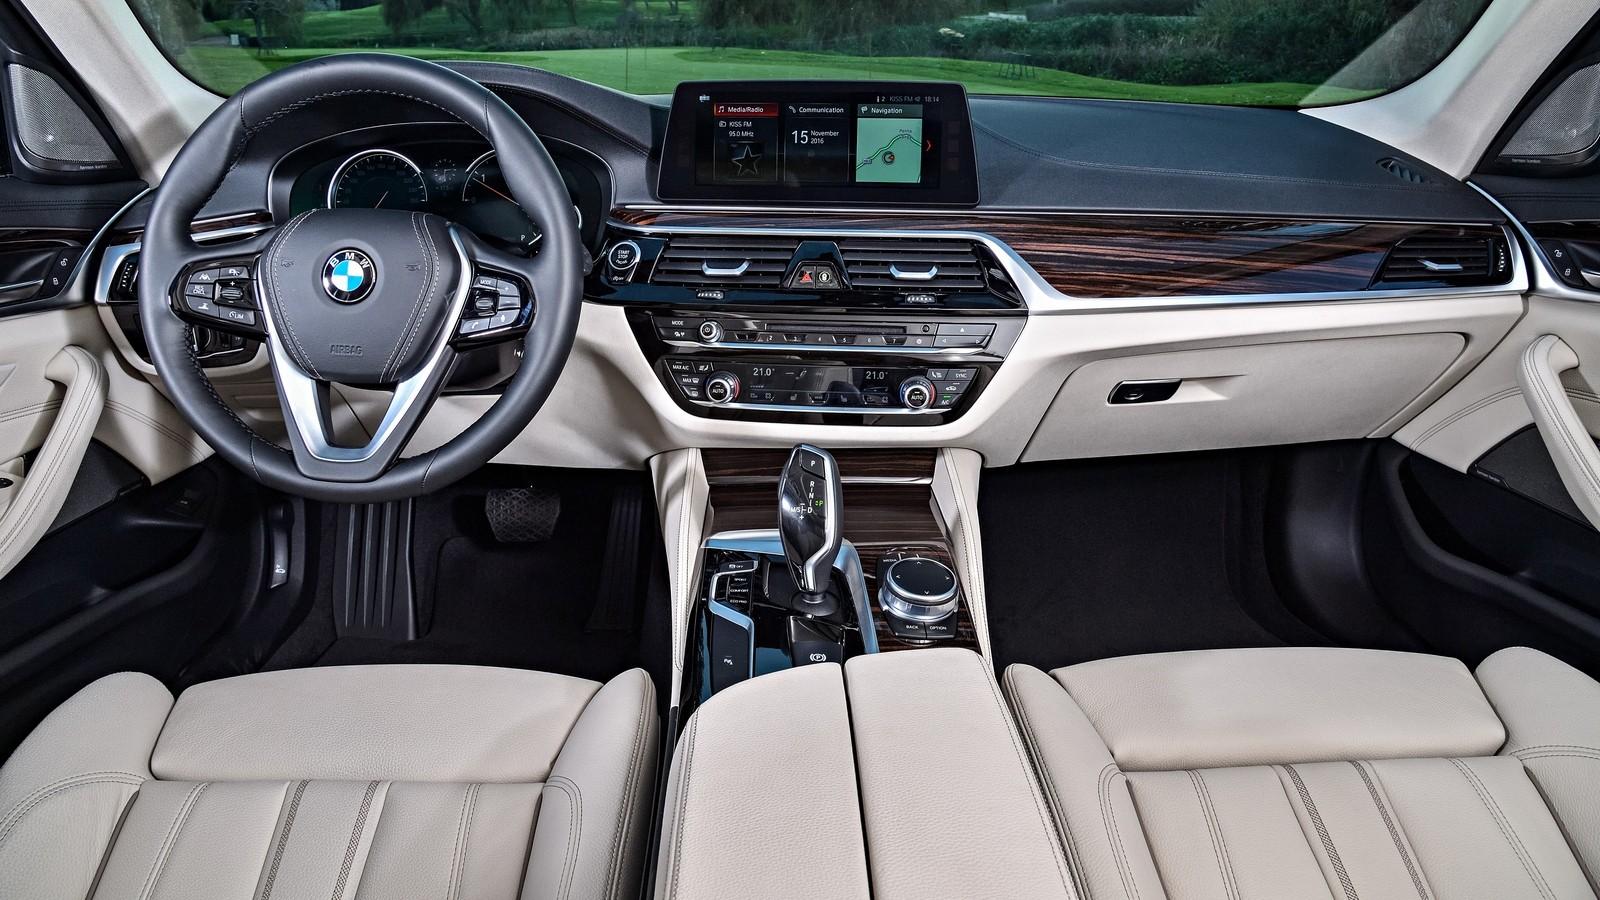 Торпедо BMW 520d Sedan Luxury Line Worldwide (G30) '2017